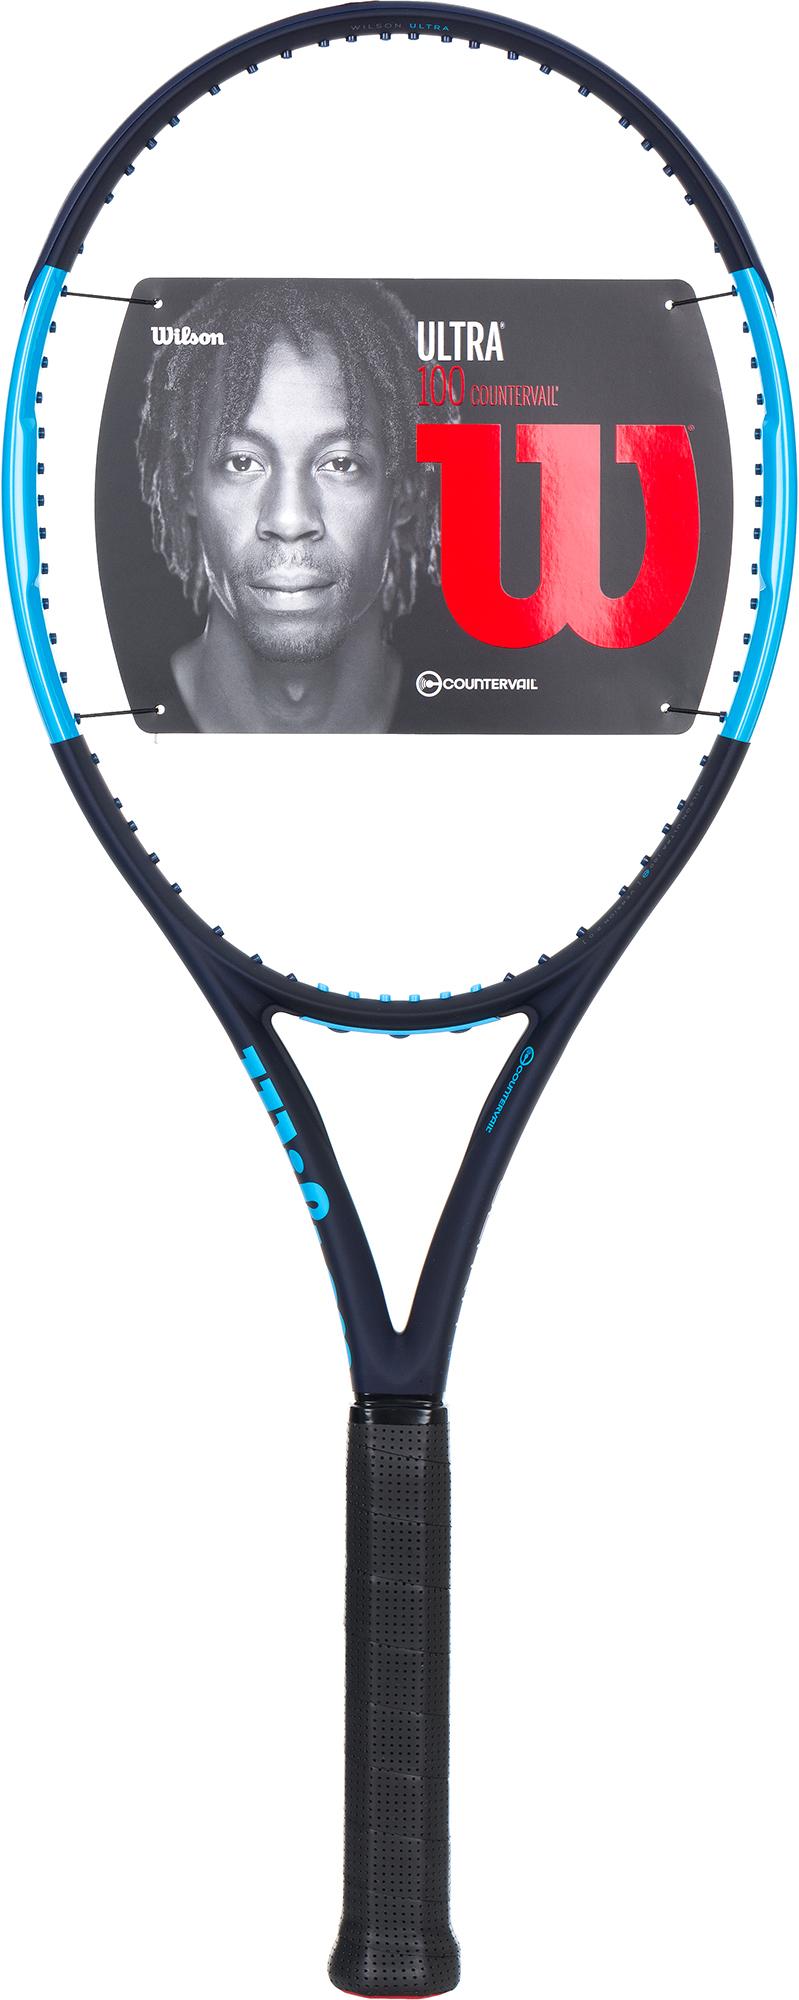 Wilson Ракетка для большого тенниса Wilson Ultra 100 CV сетки для тенниса большого